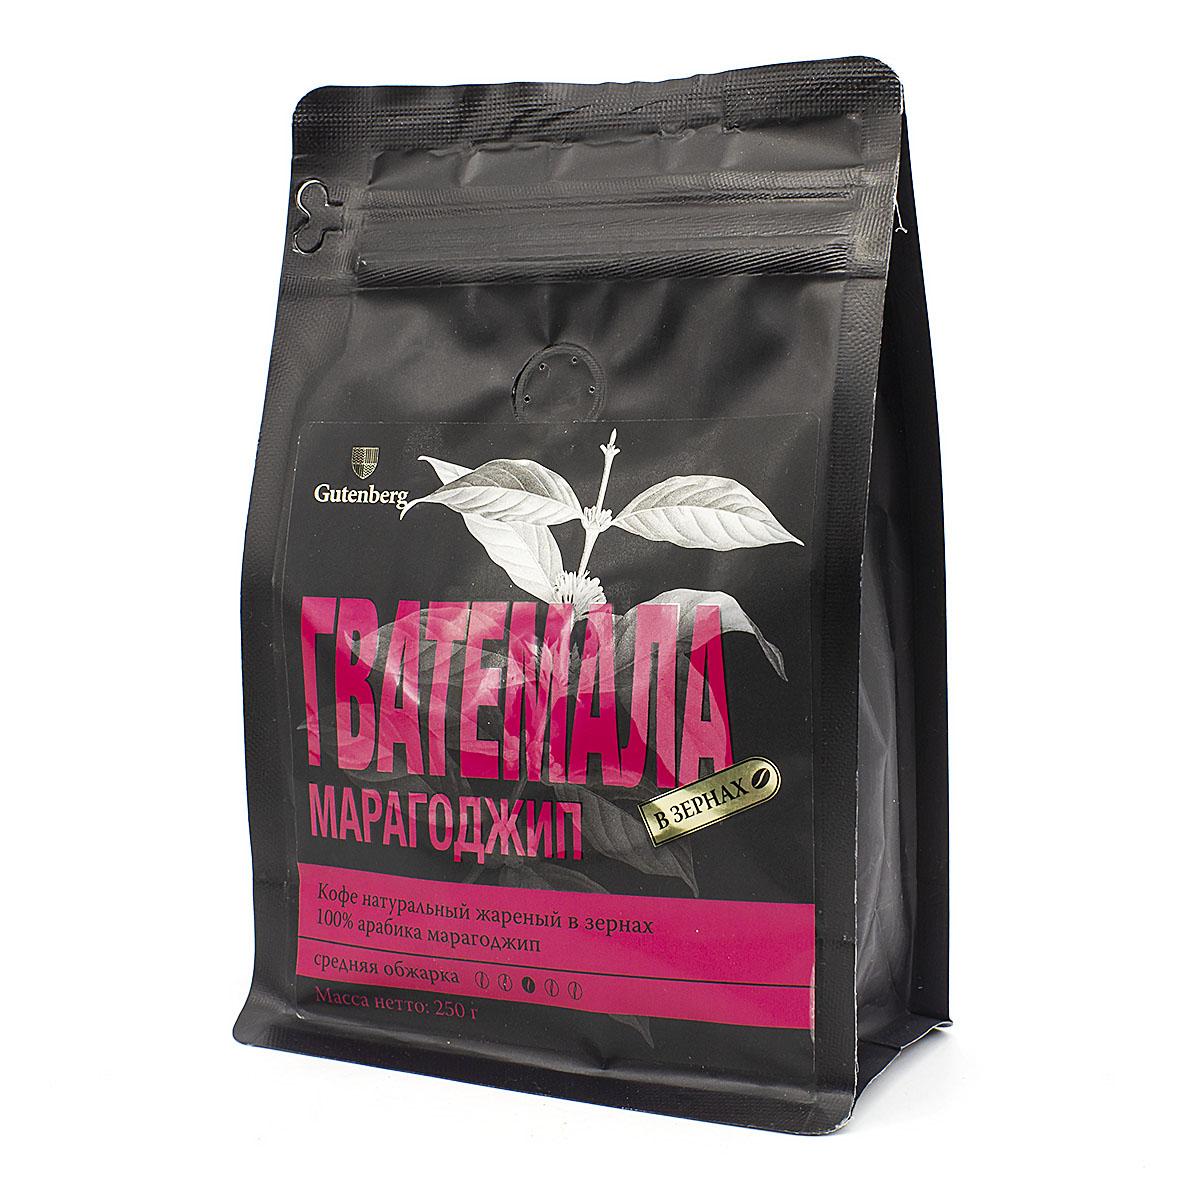 Кофе в зернах Гватемала Марагоджип, уп. 250 г кофе в зернах ароматизированный яблочный штрудель уп 250 г